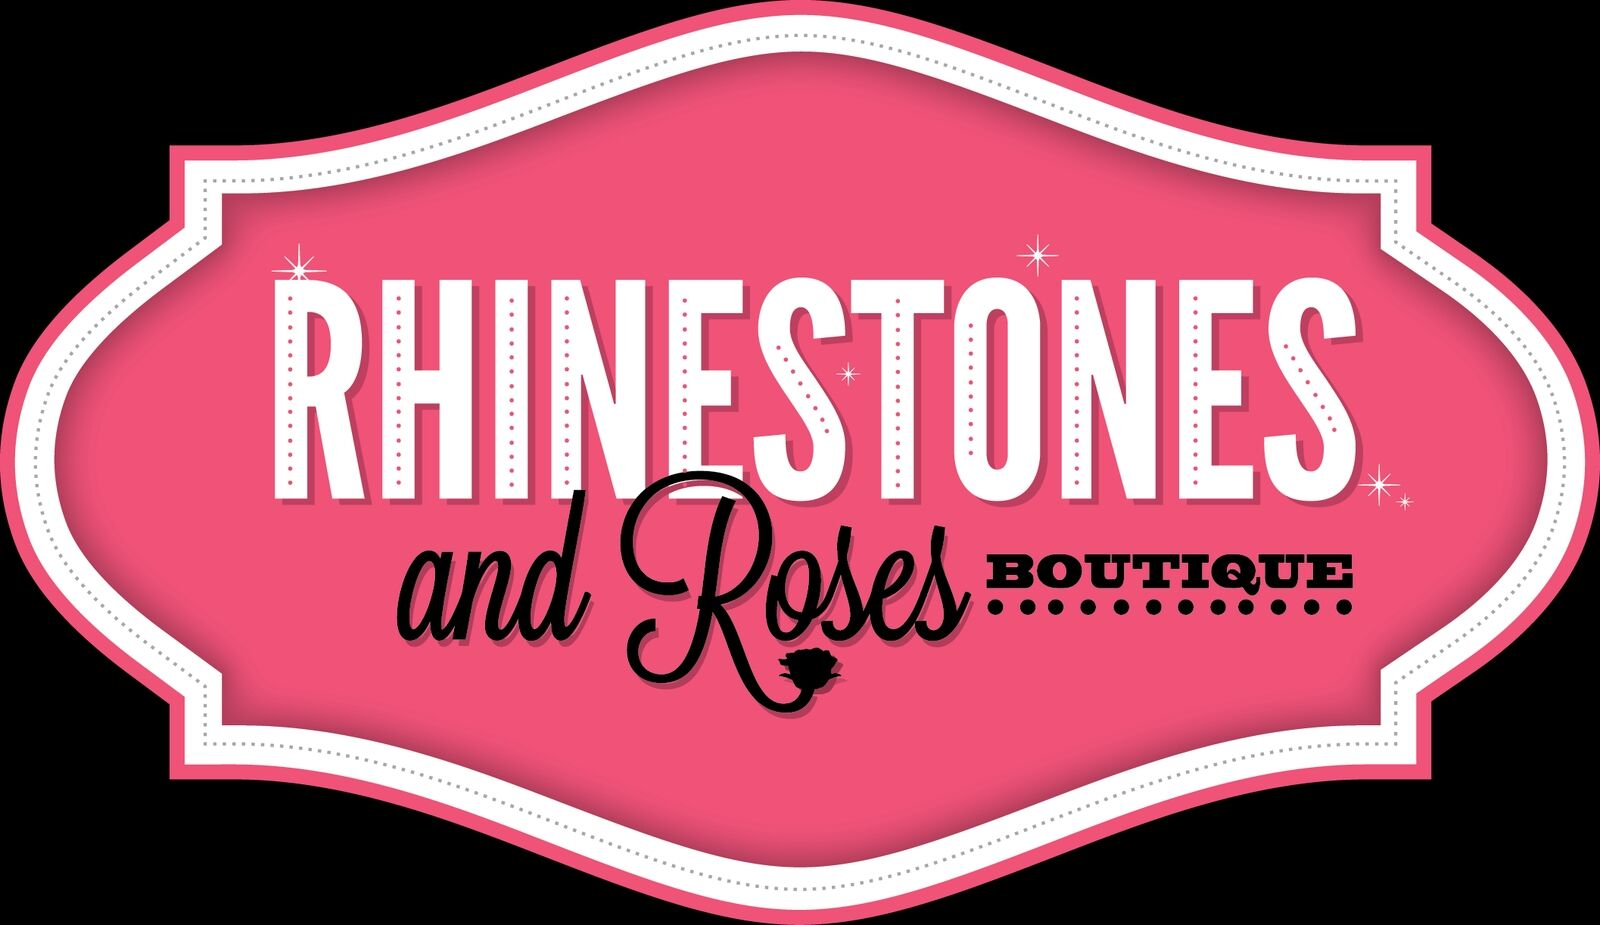 Rhinestones and Roses Boutique